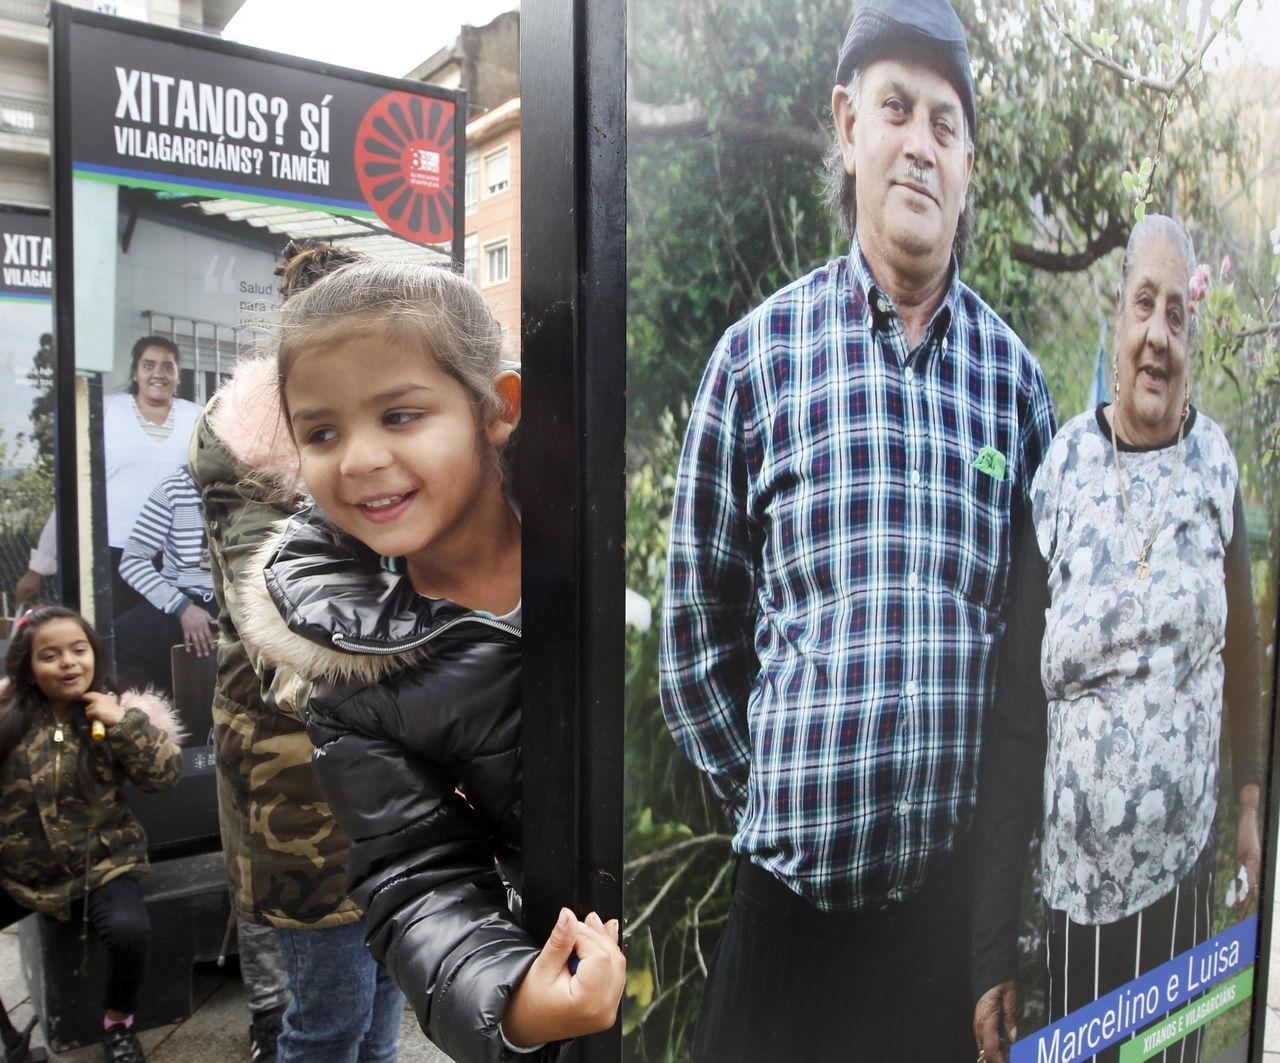 Día mundial del gitano. Vilagarcía acoge una exposición de fotografías de retratos con las familias del poblado de Berdón. La diversidad cultural nos enriquece